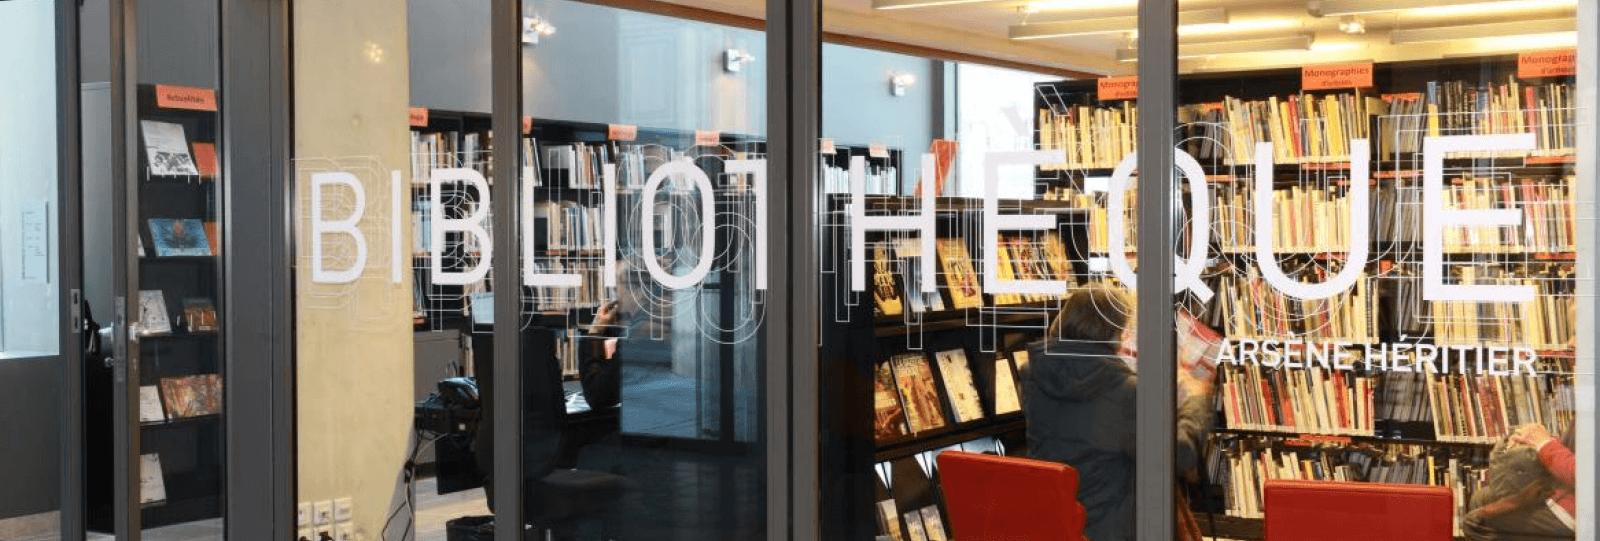 Bibliothèque Arsène Héritier - Musée de Valence